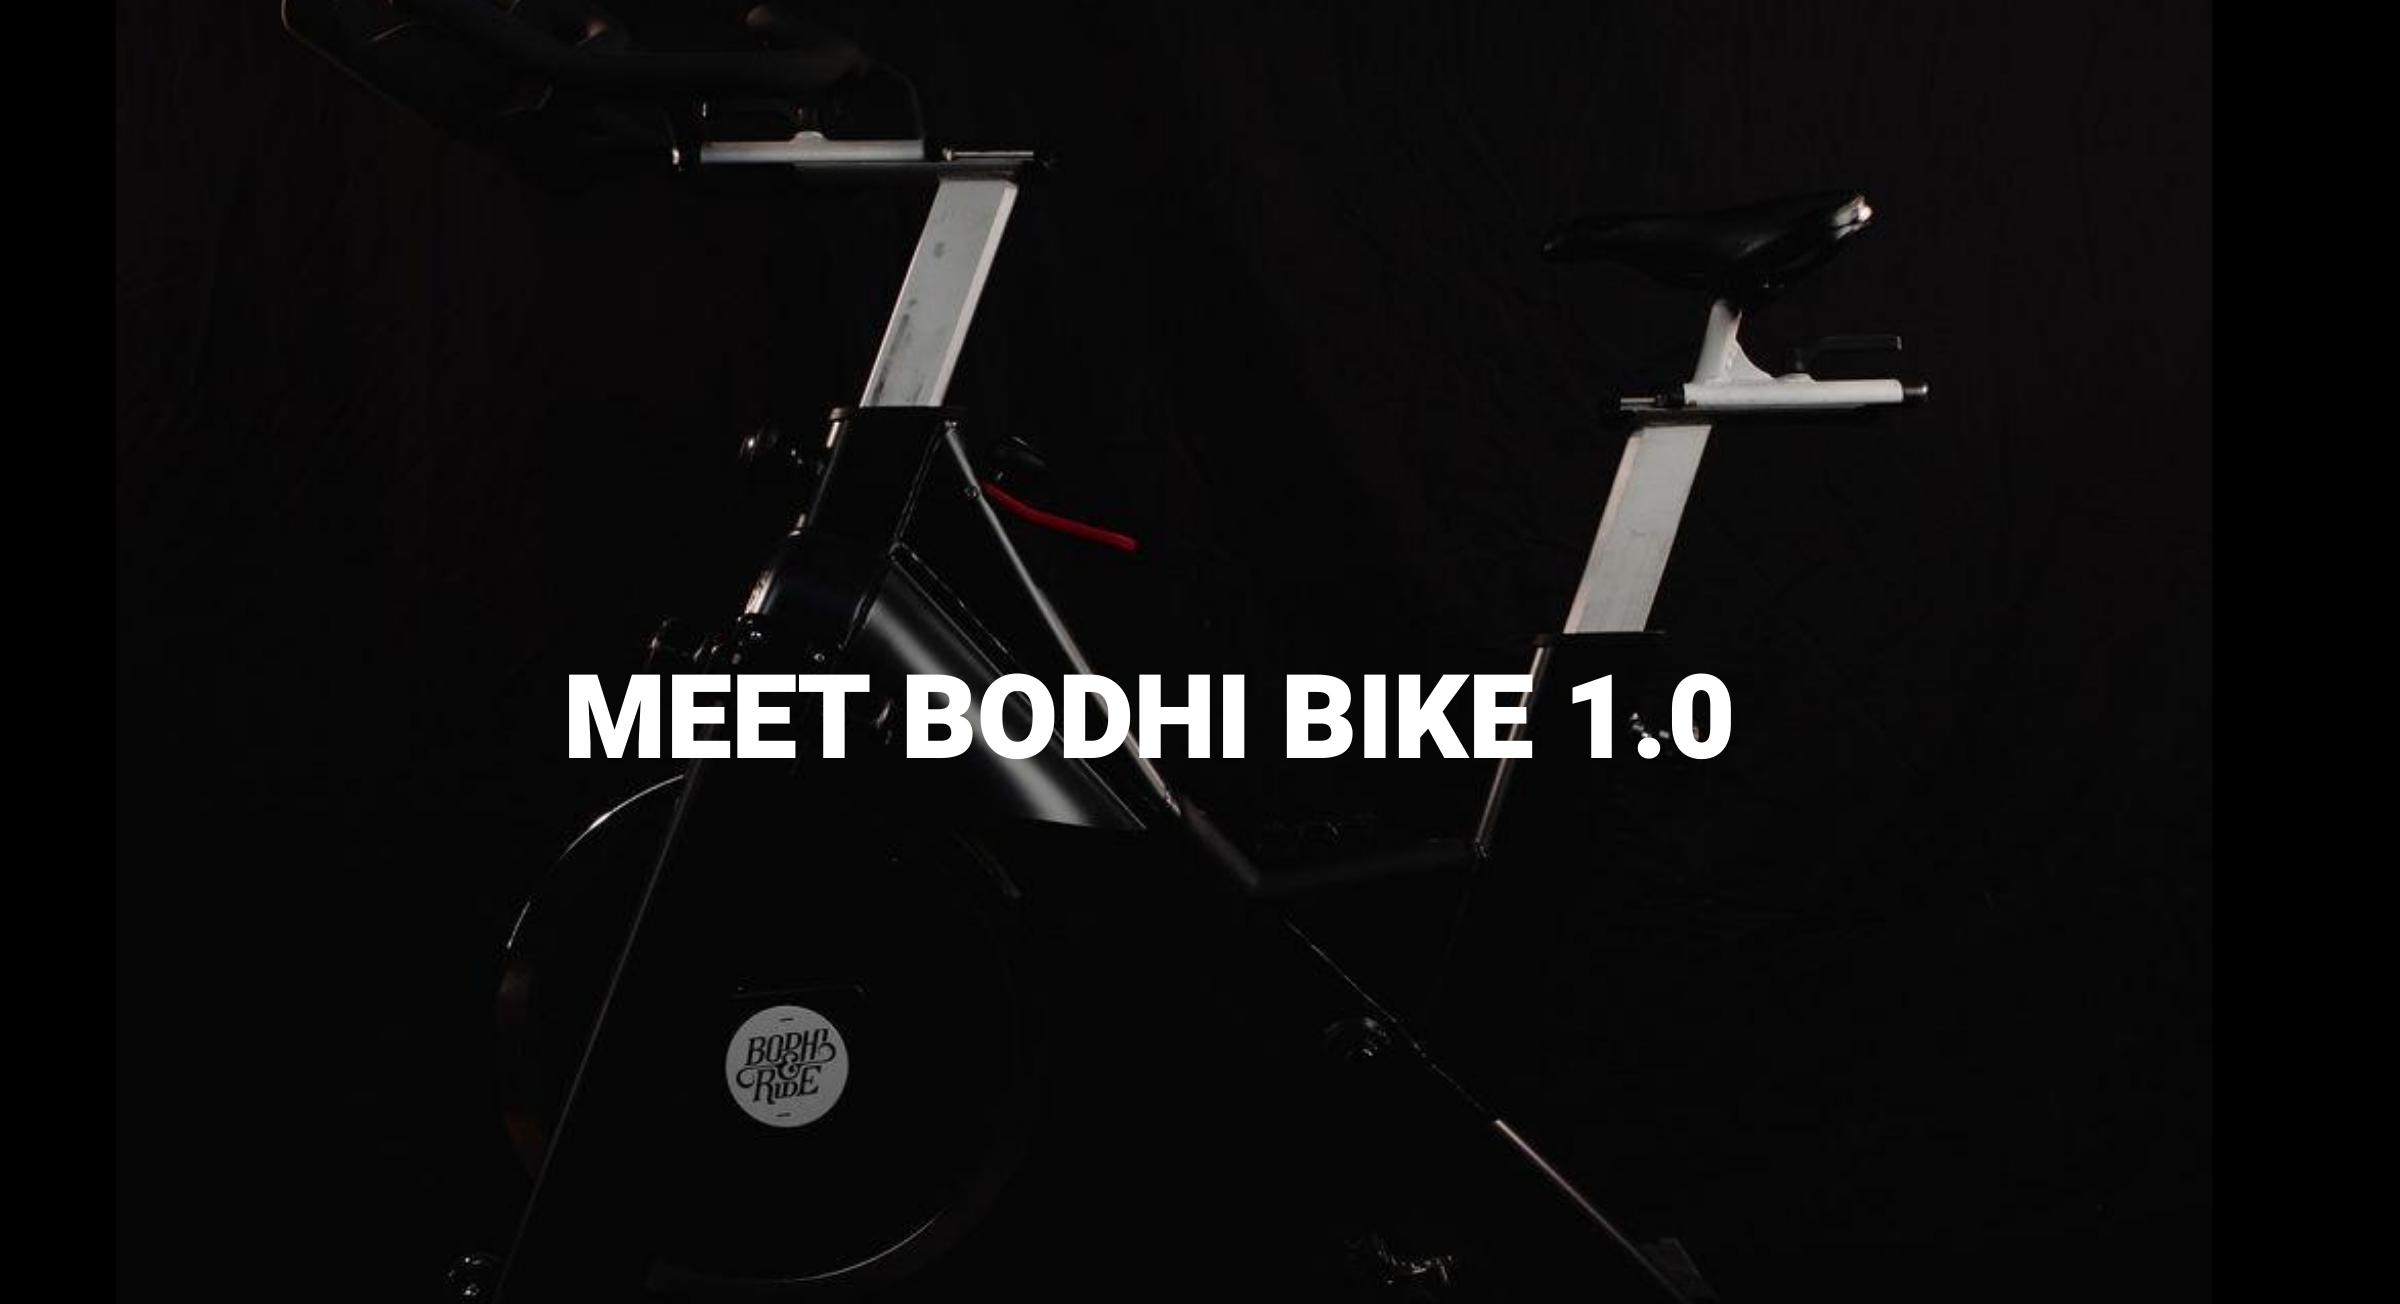 Meet Bodhi Bike 1.0